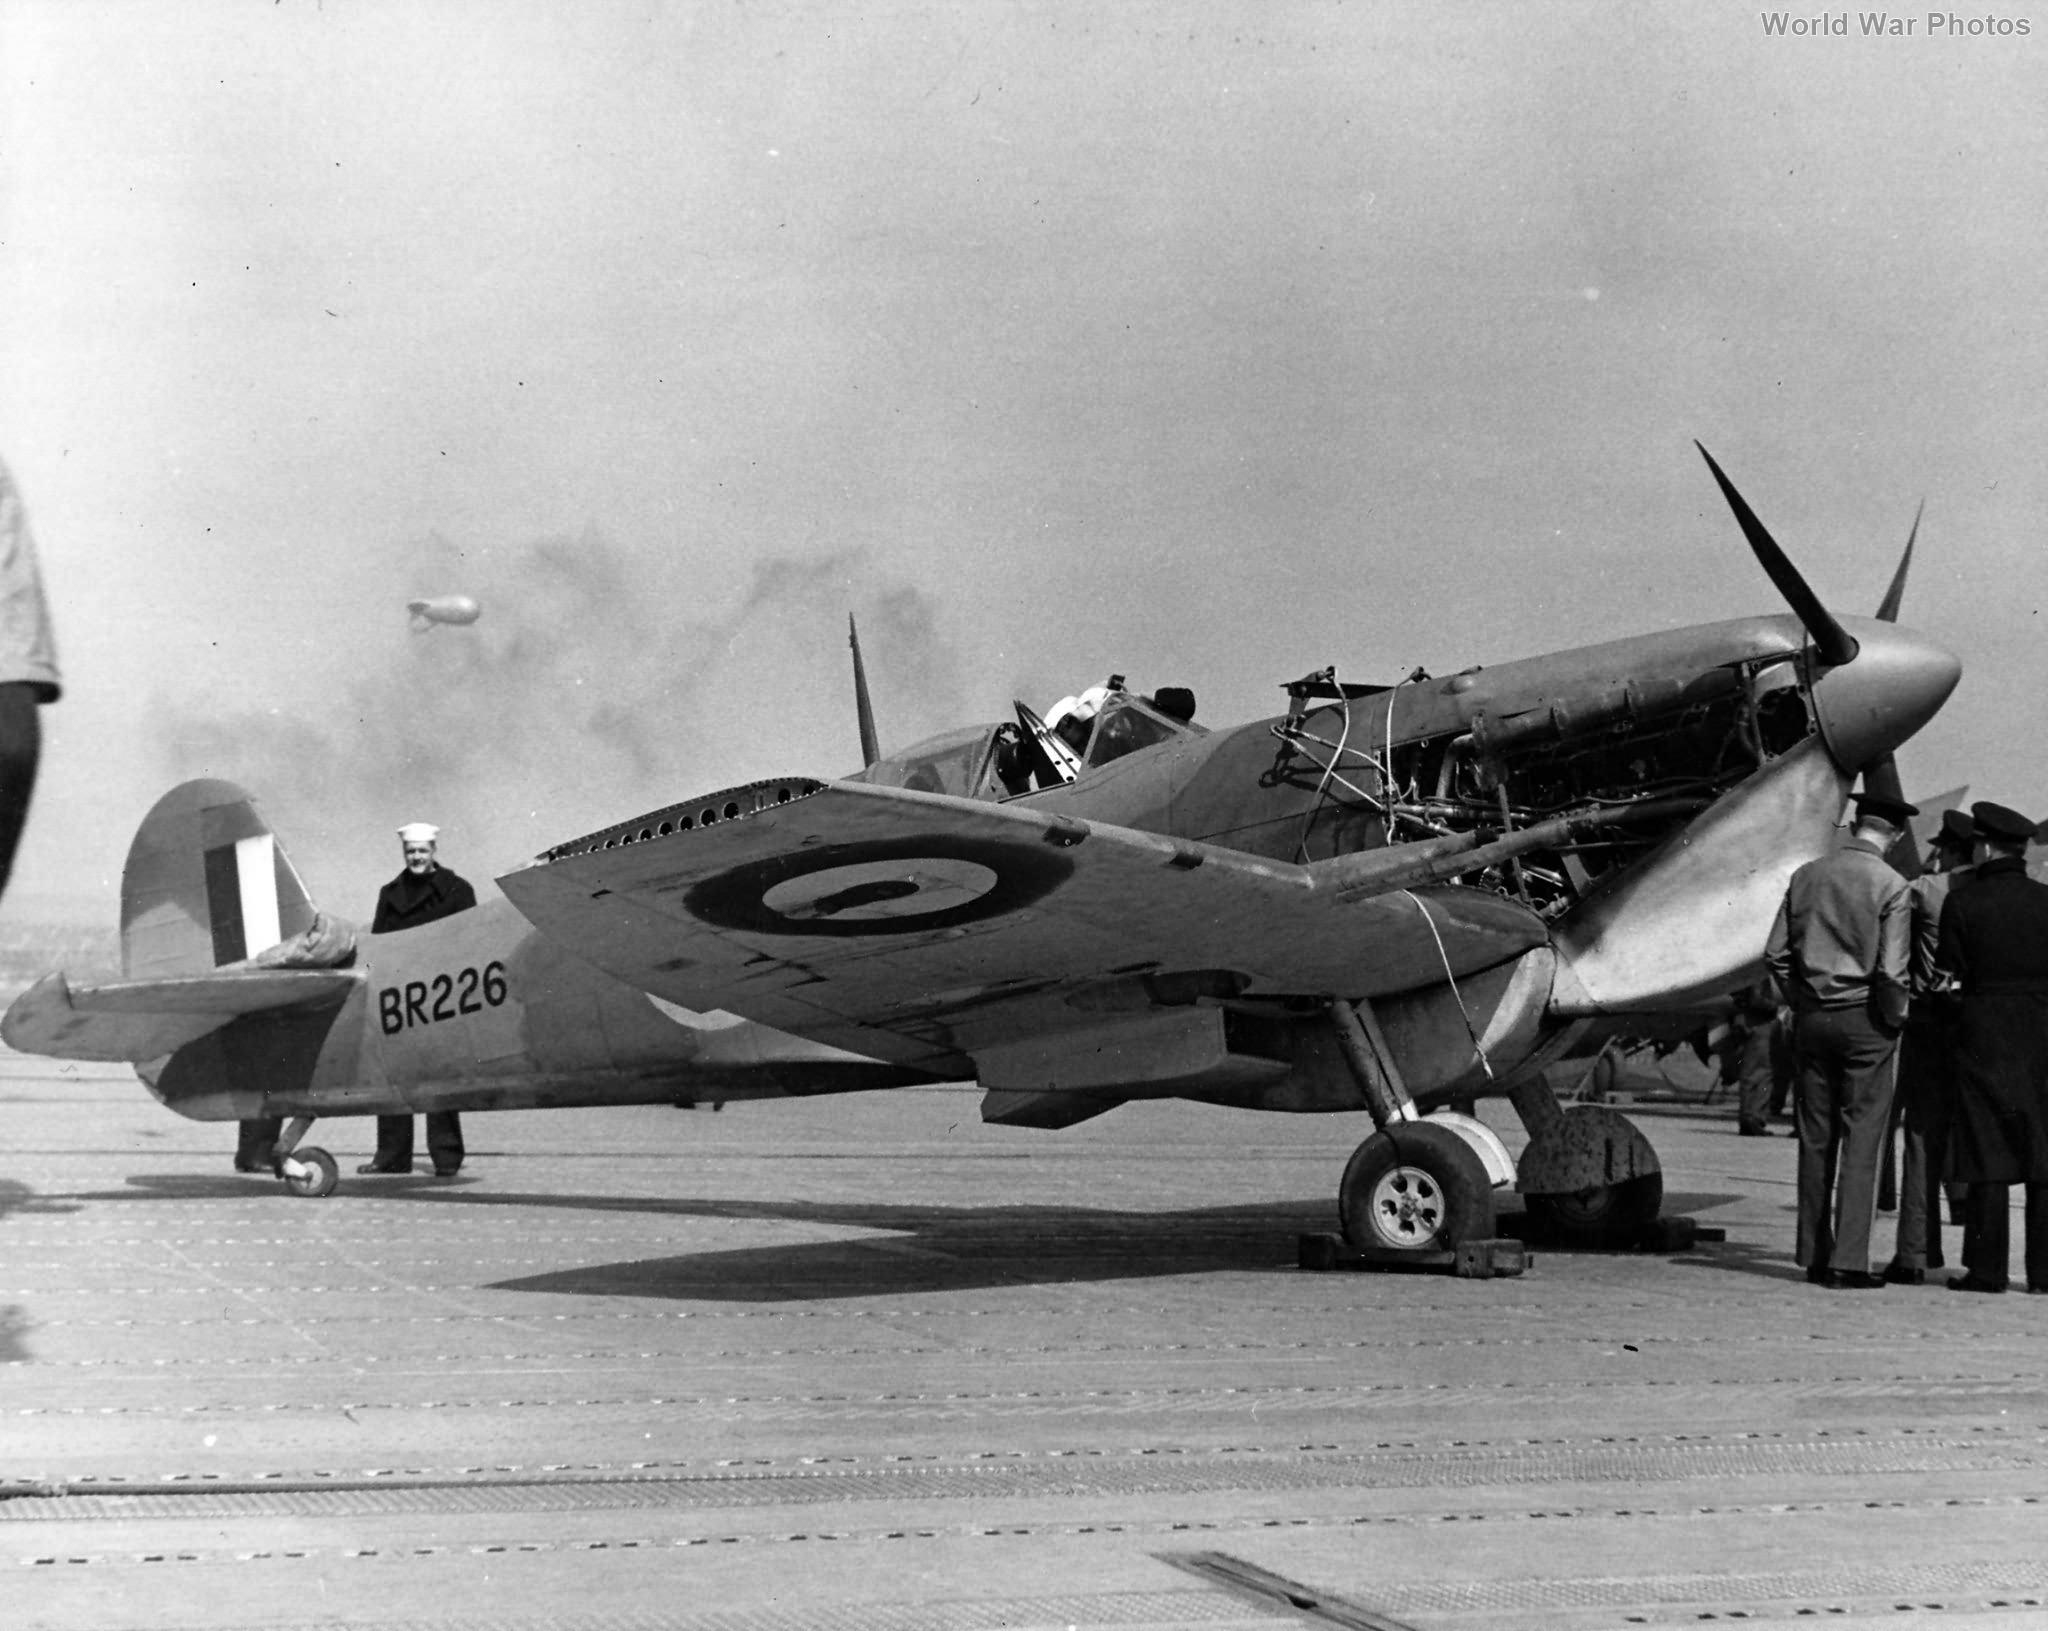 Spitfire BR226 Wasp 1942